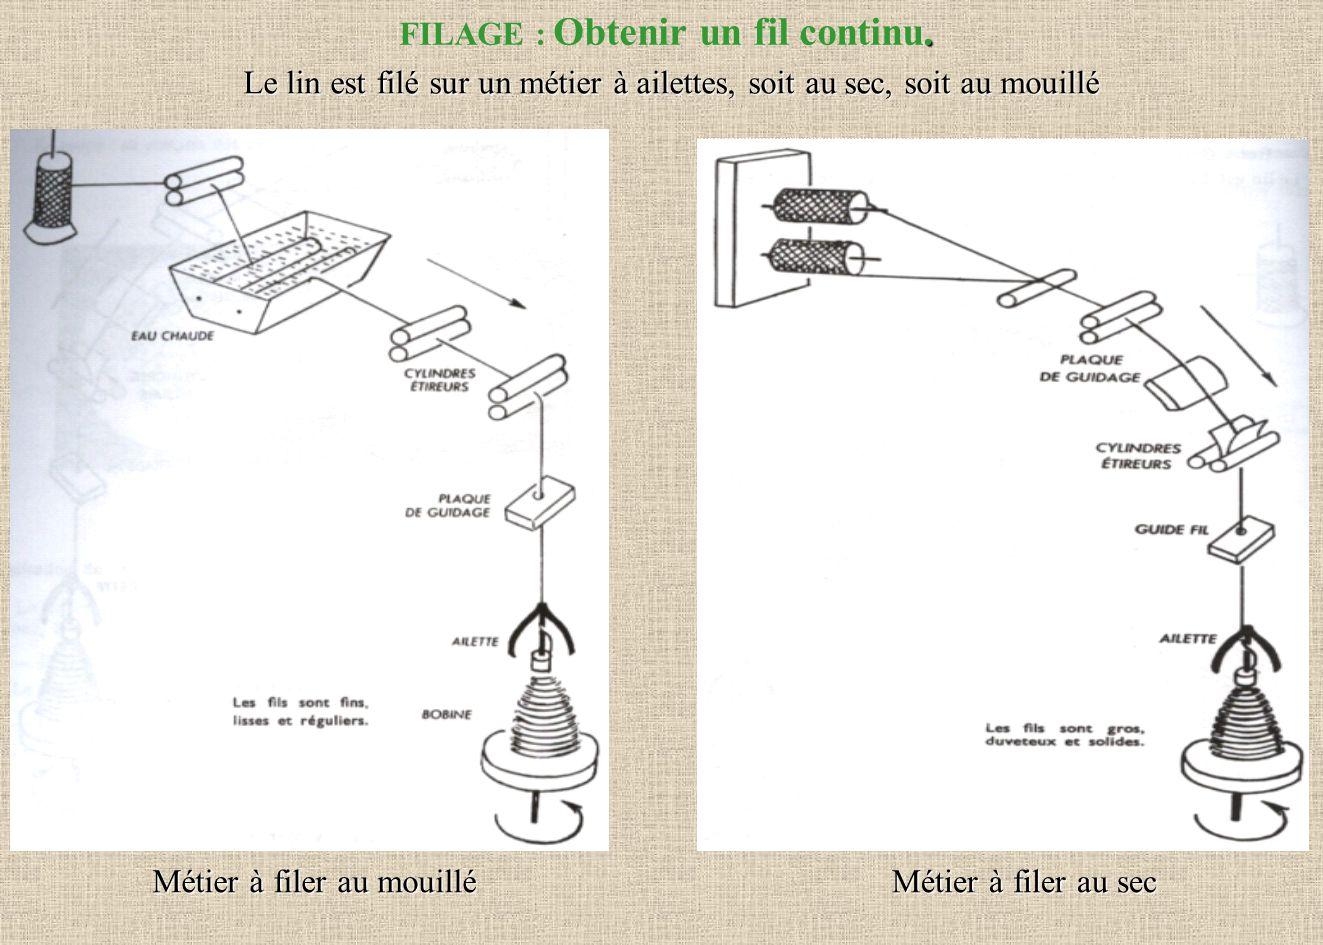 . FILAGE : Obtenir un fil continu. Le lin est filé sur un métier à ailettes, soit au sec, soit au mouillé Métier à filer au mouillé Métier à filer au